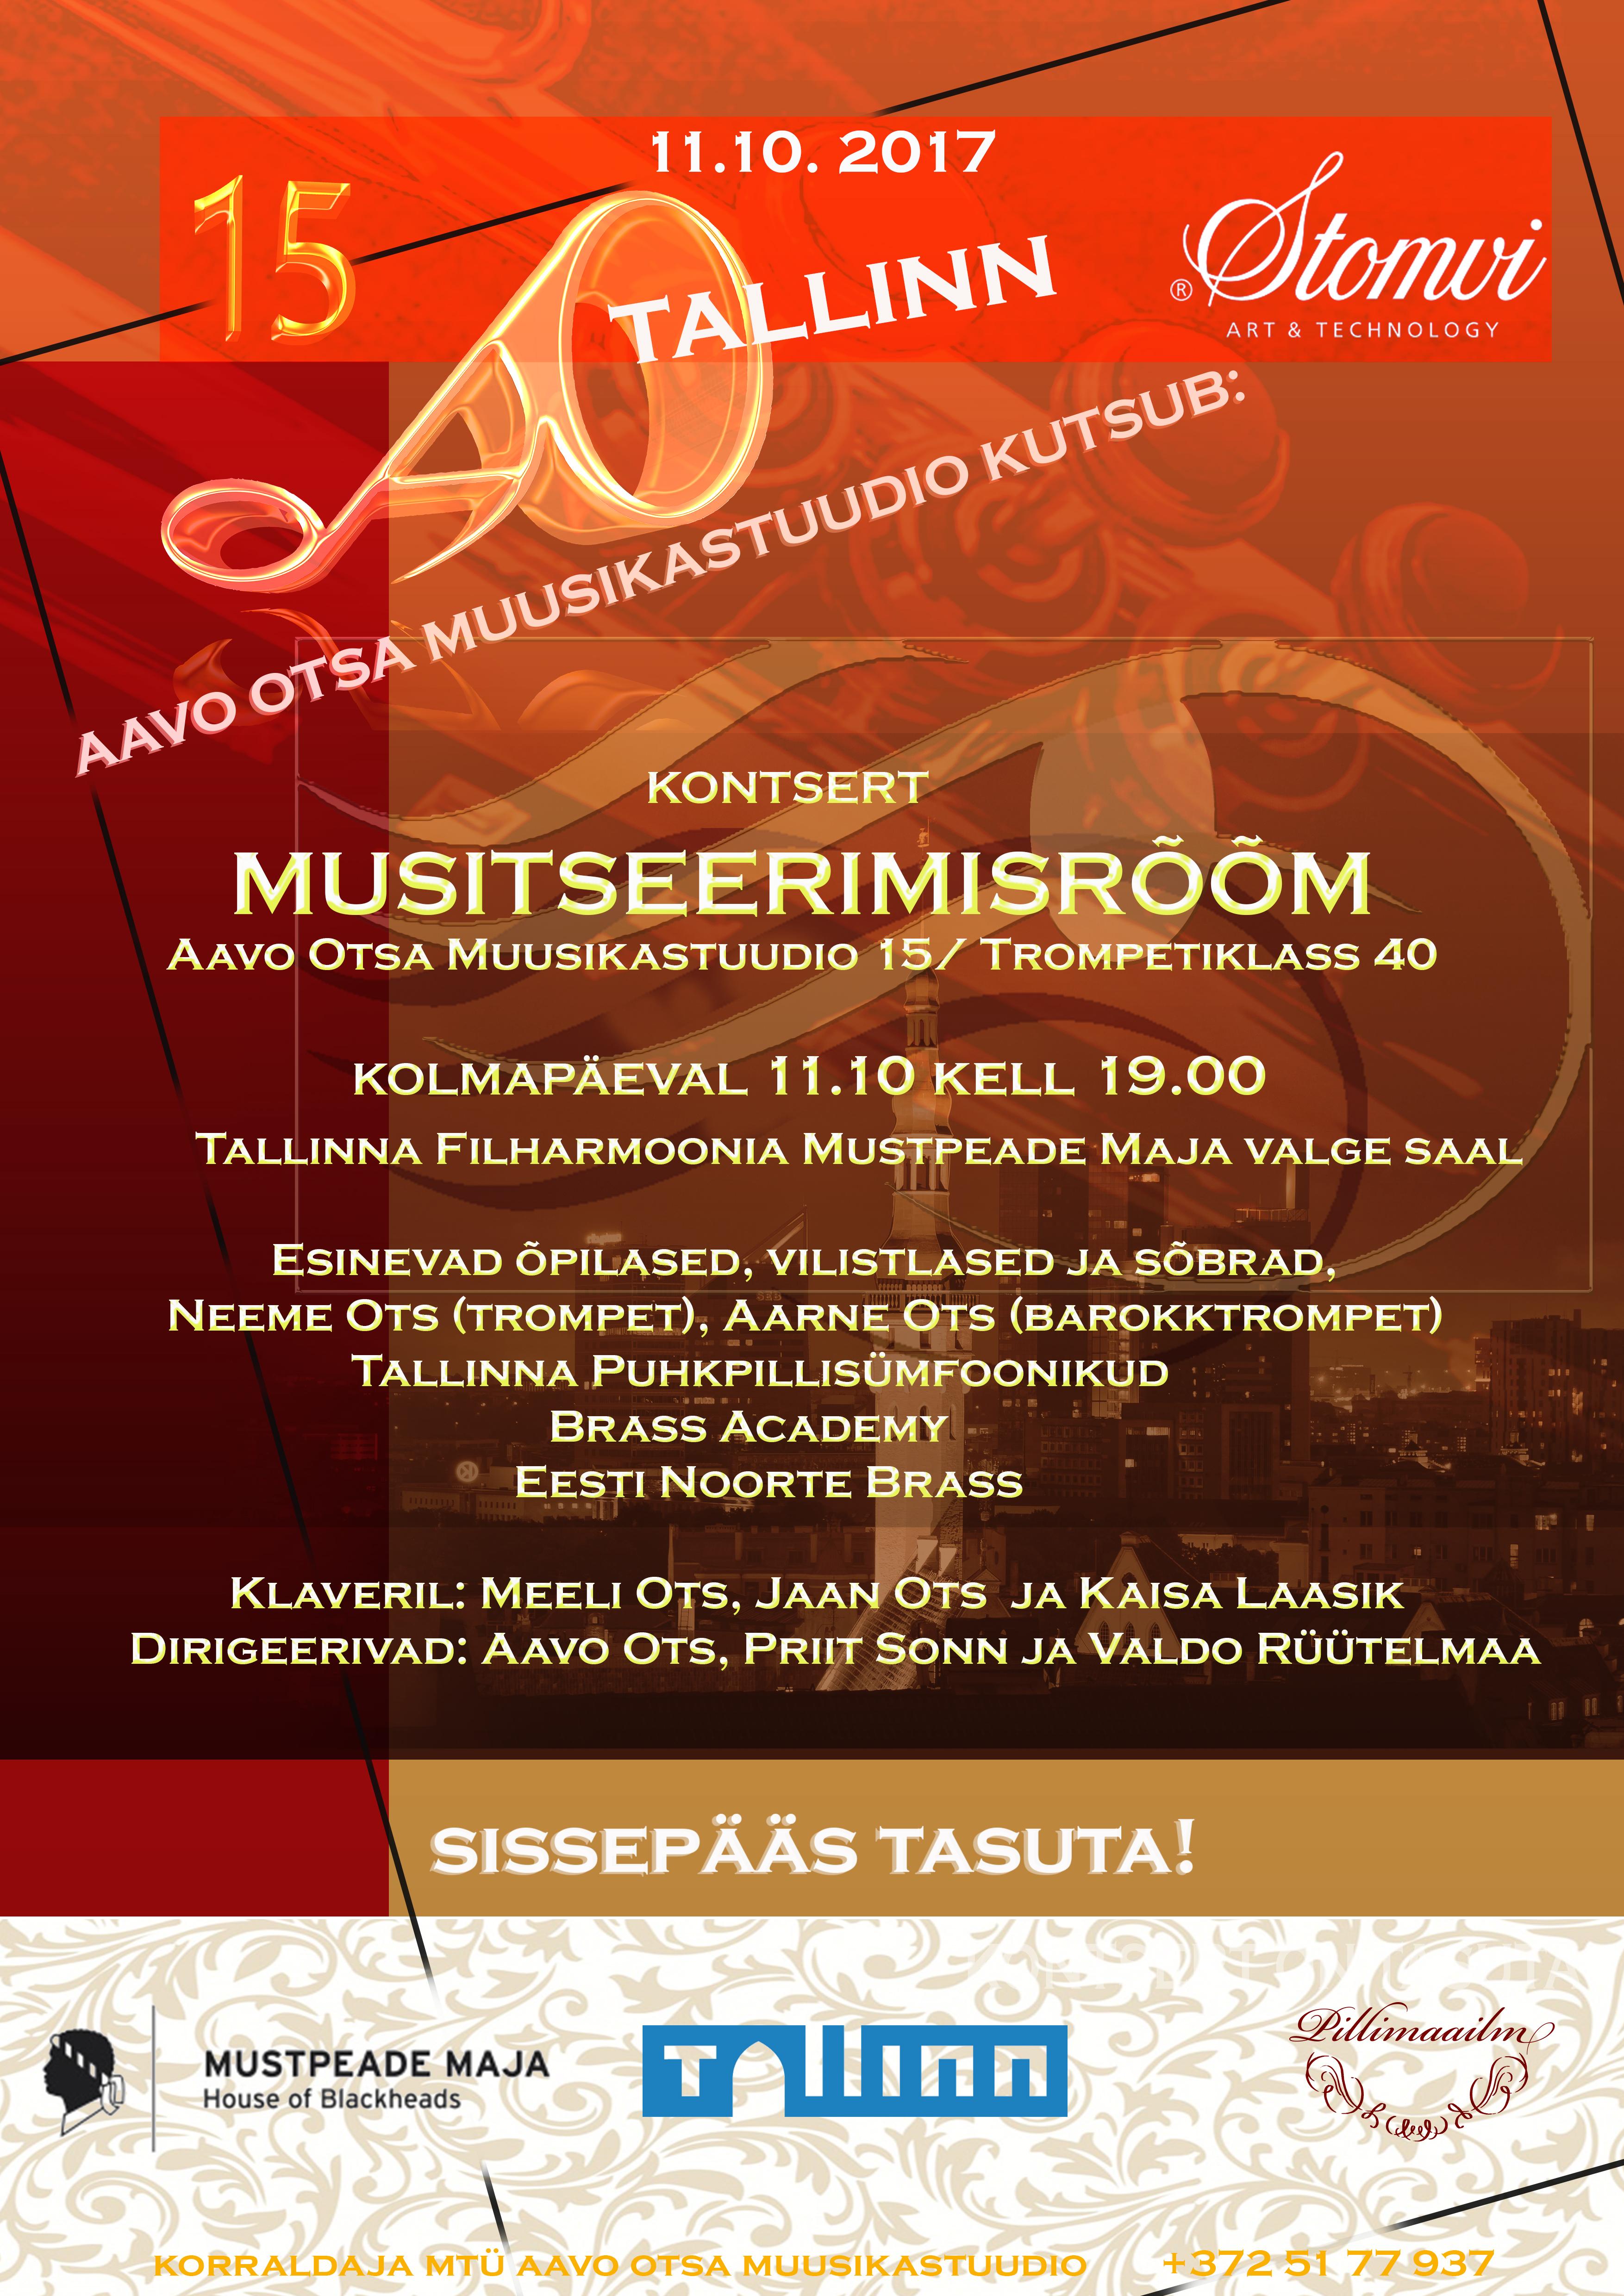 MUSITSEERIMISRÕÕM - Aavo Otsa Muusikastuudio 15/Trompetiklass 40